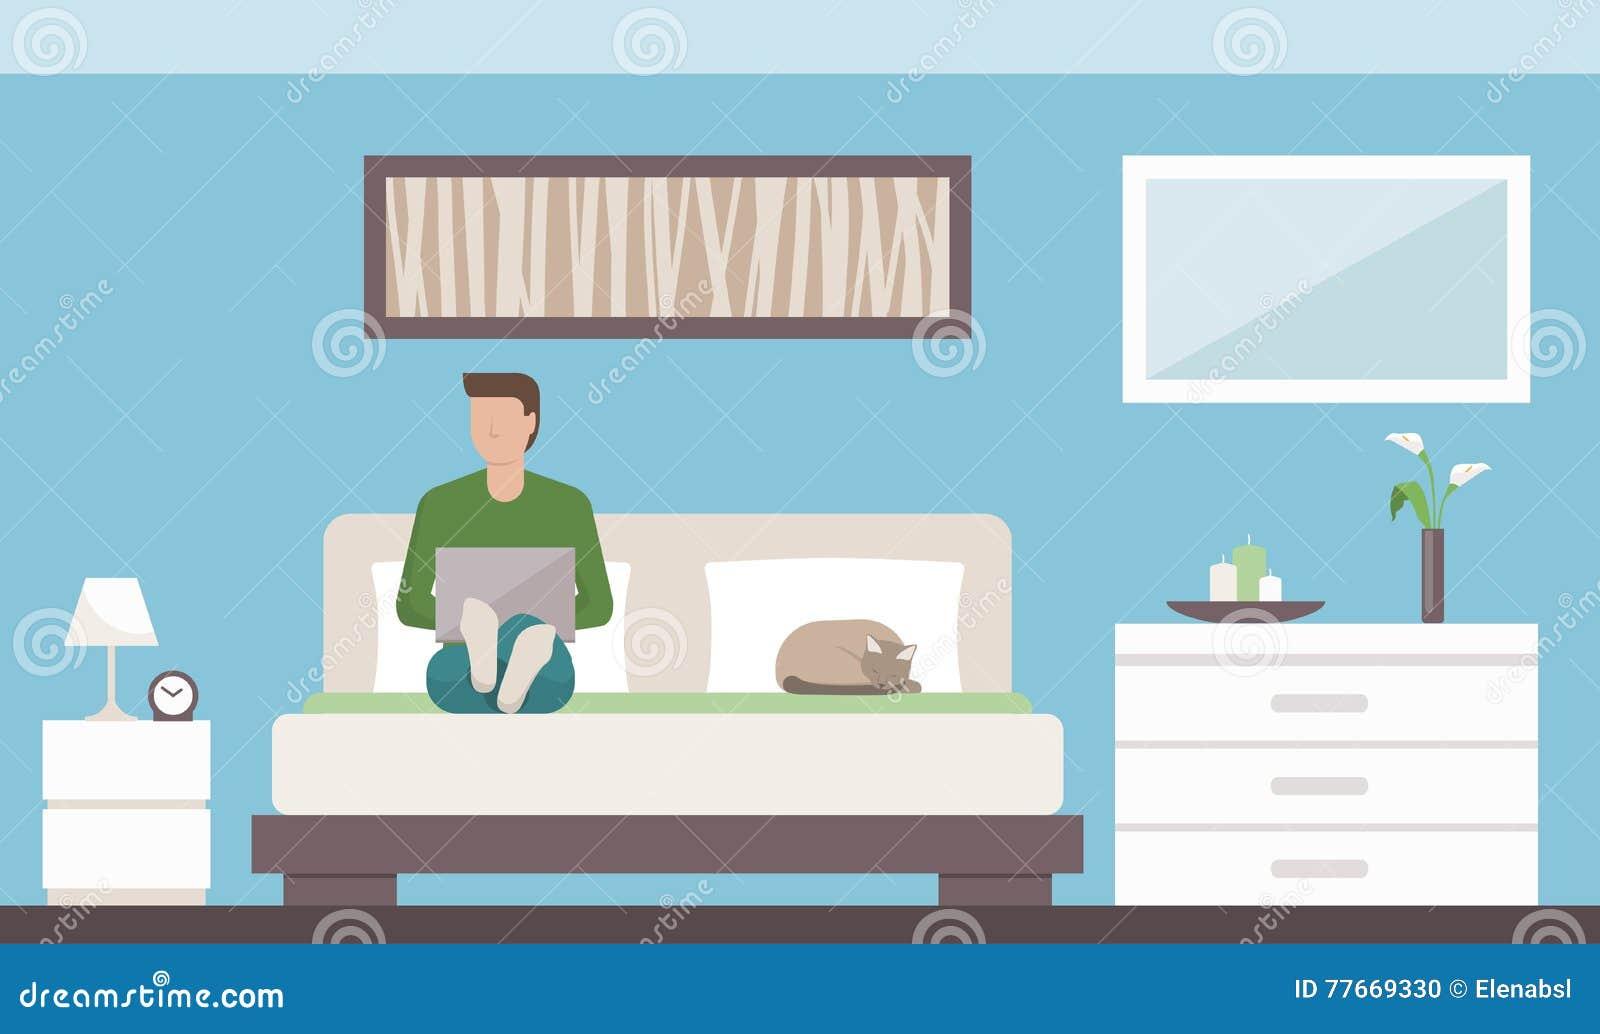 Uomo che si rilassa nella camera da letto illustrazione vettoriale immagine 77669330 - Letto che si chiude ...